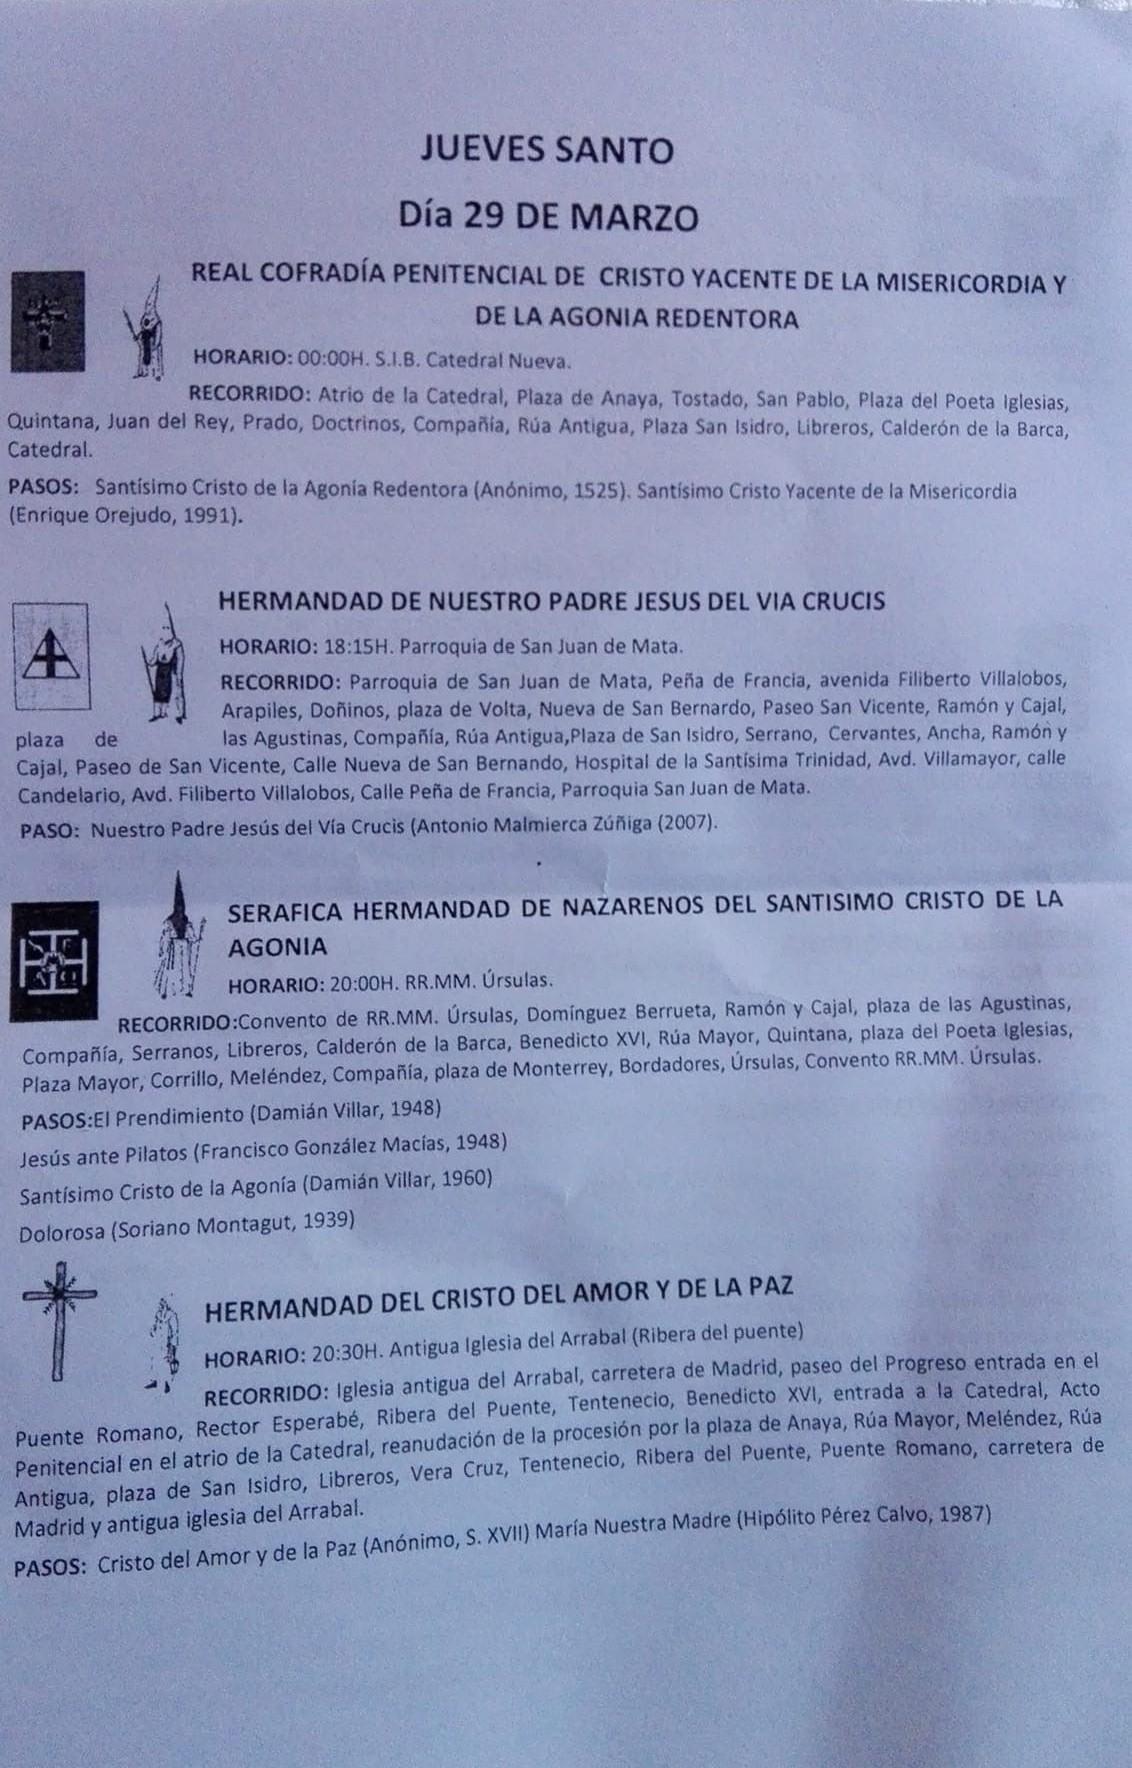 Salamanca, Jueves Santo